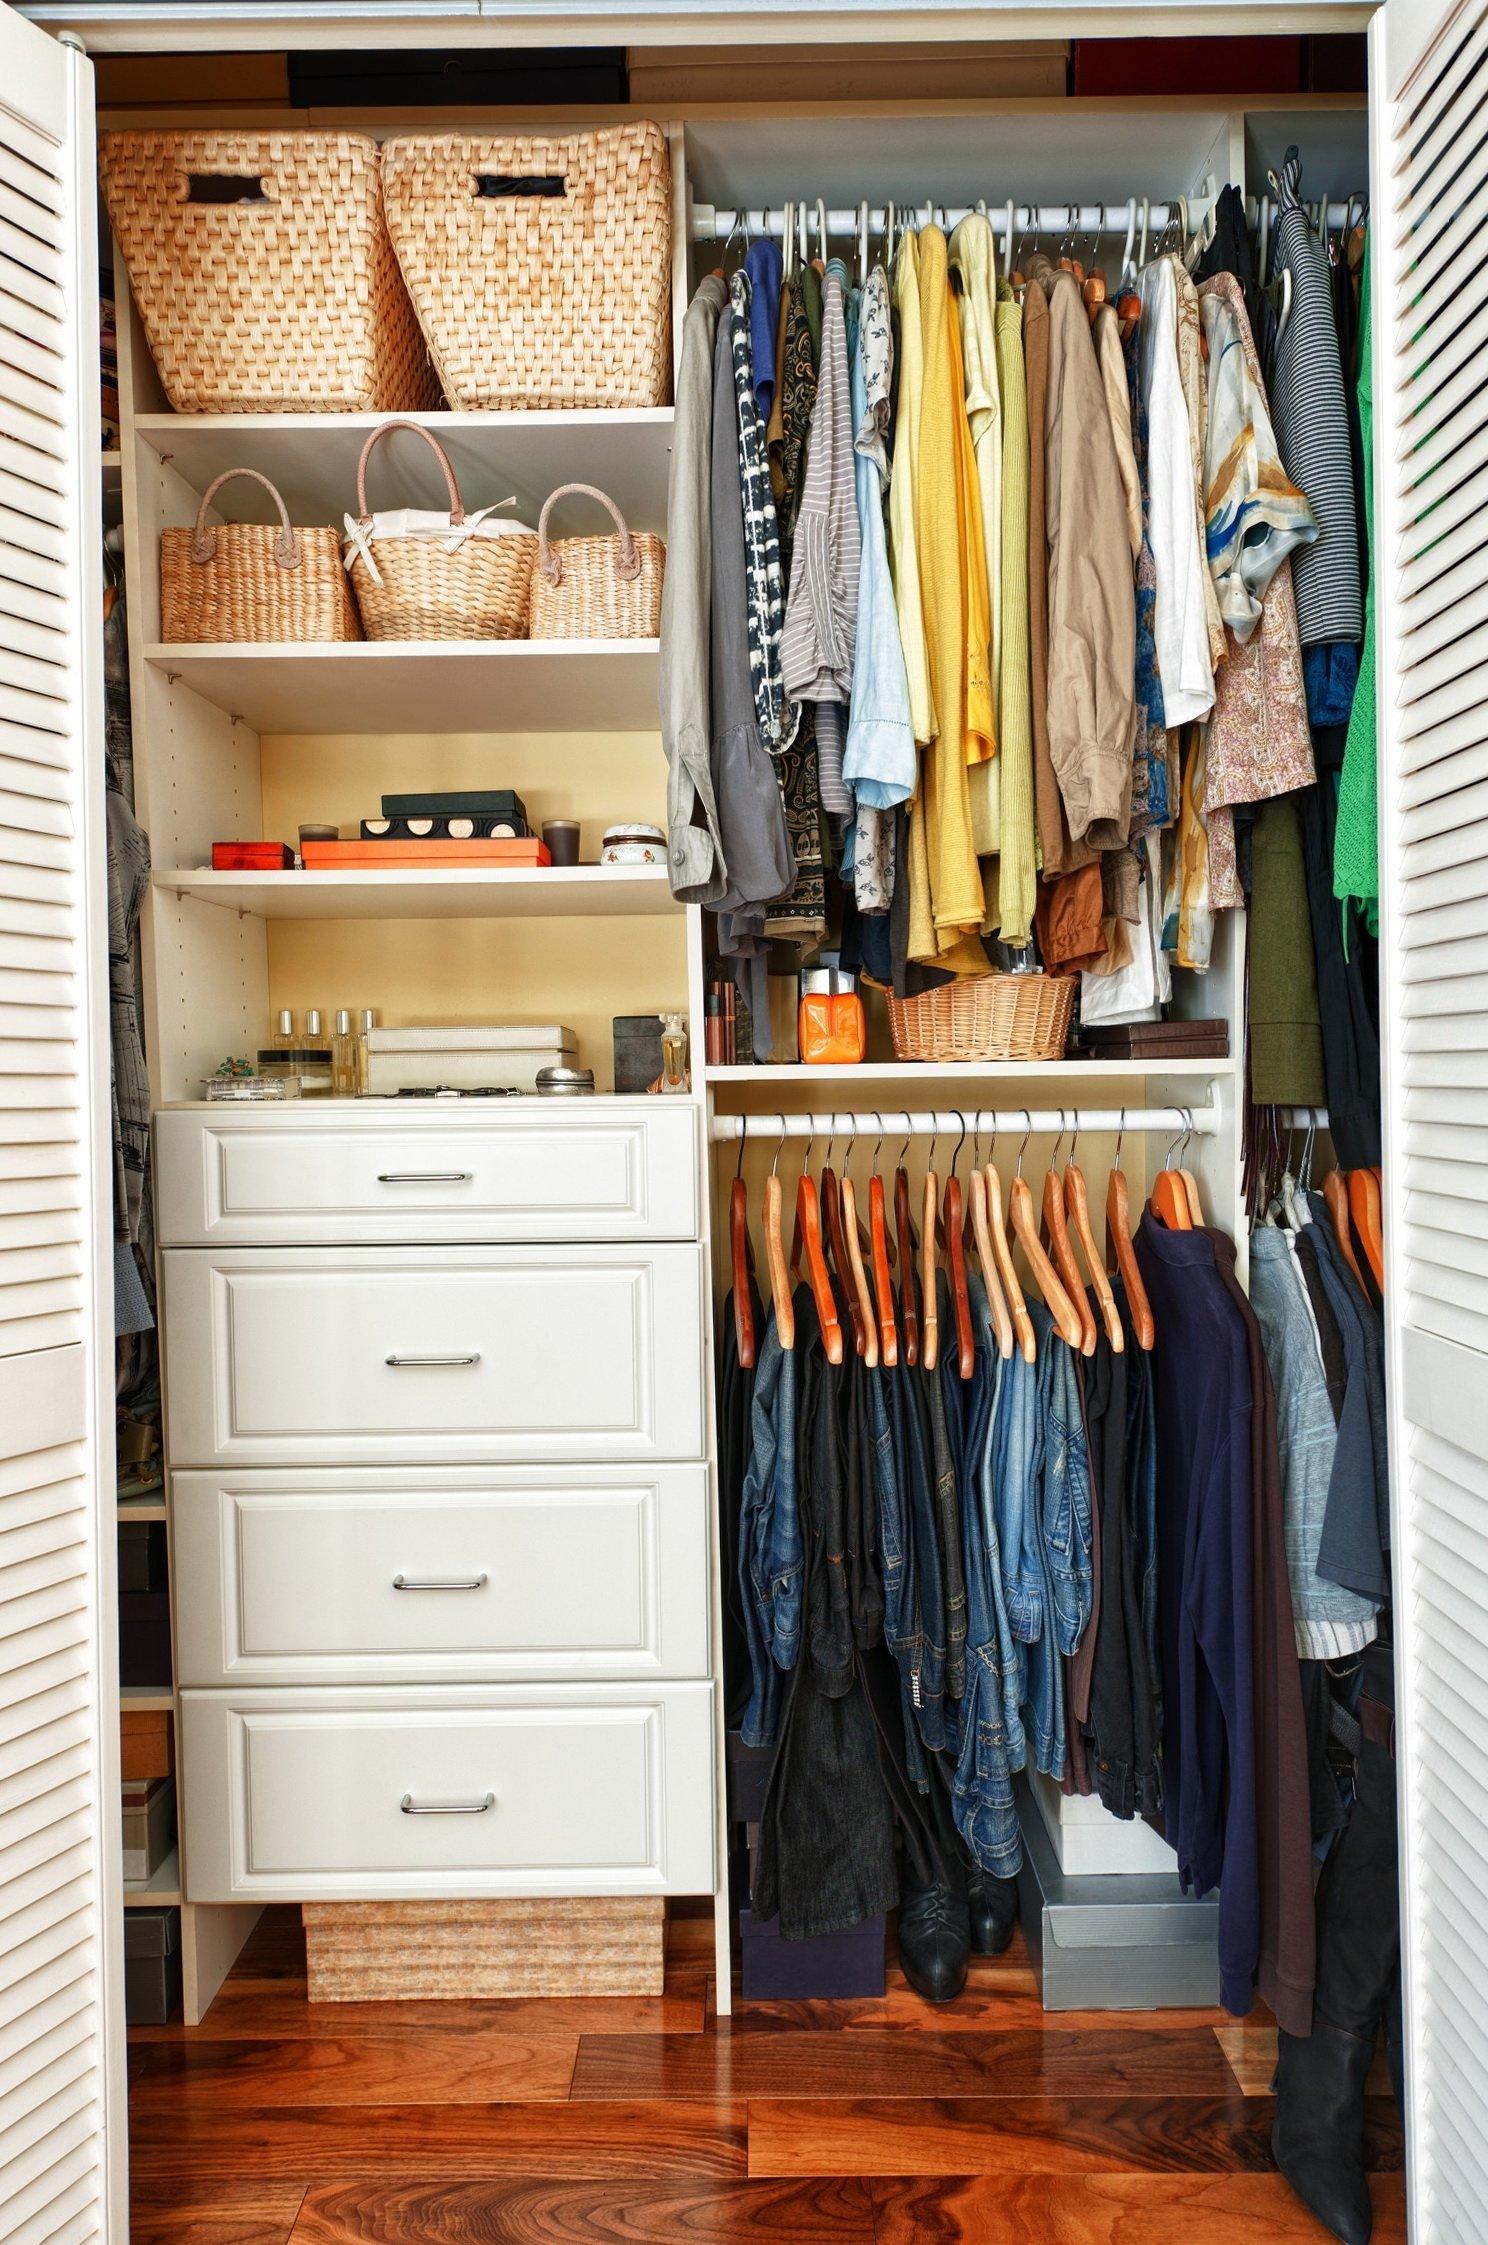 10 Attractive Closet Organization Ideas For Small Closets small closet organization ideas diy home design loversiq 2021